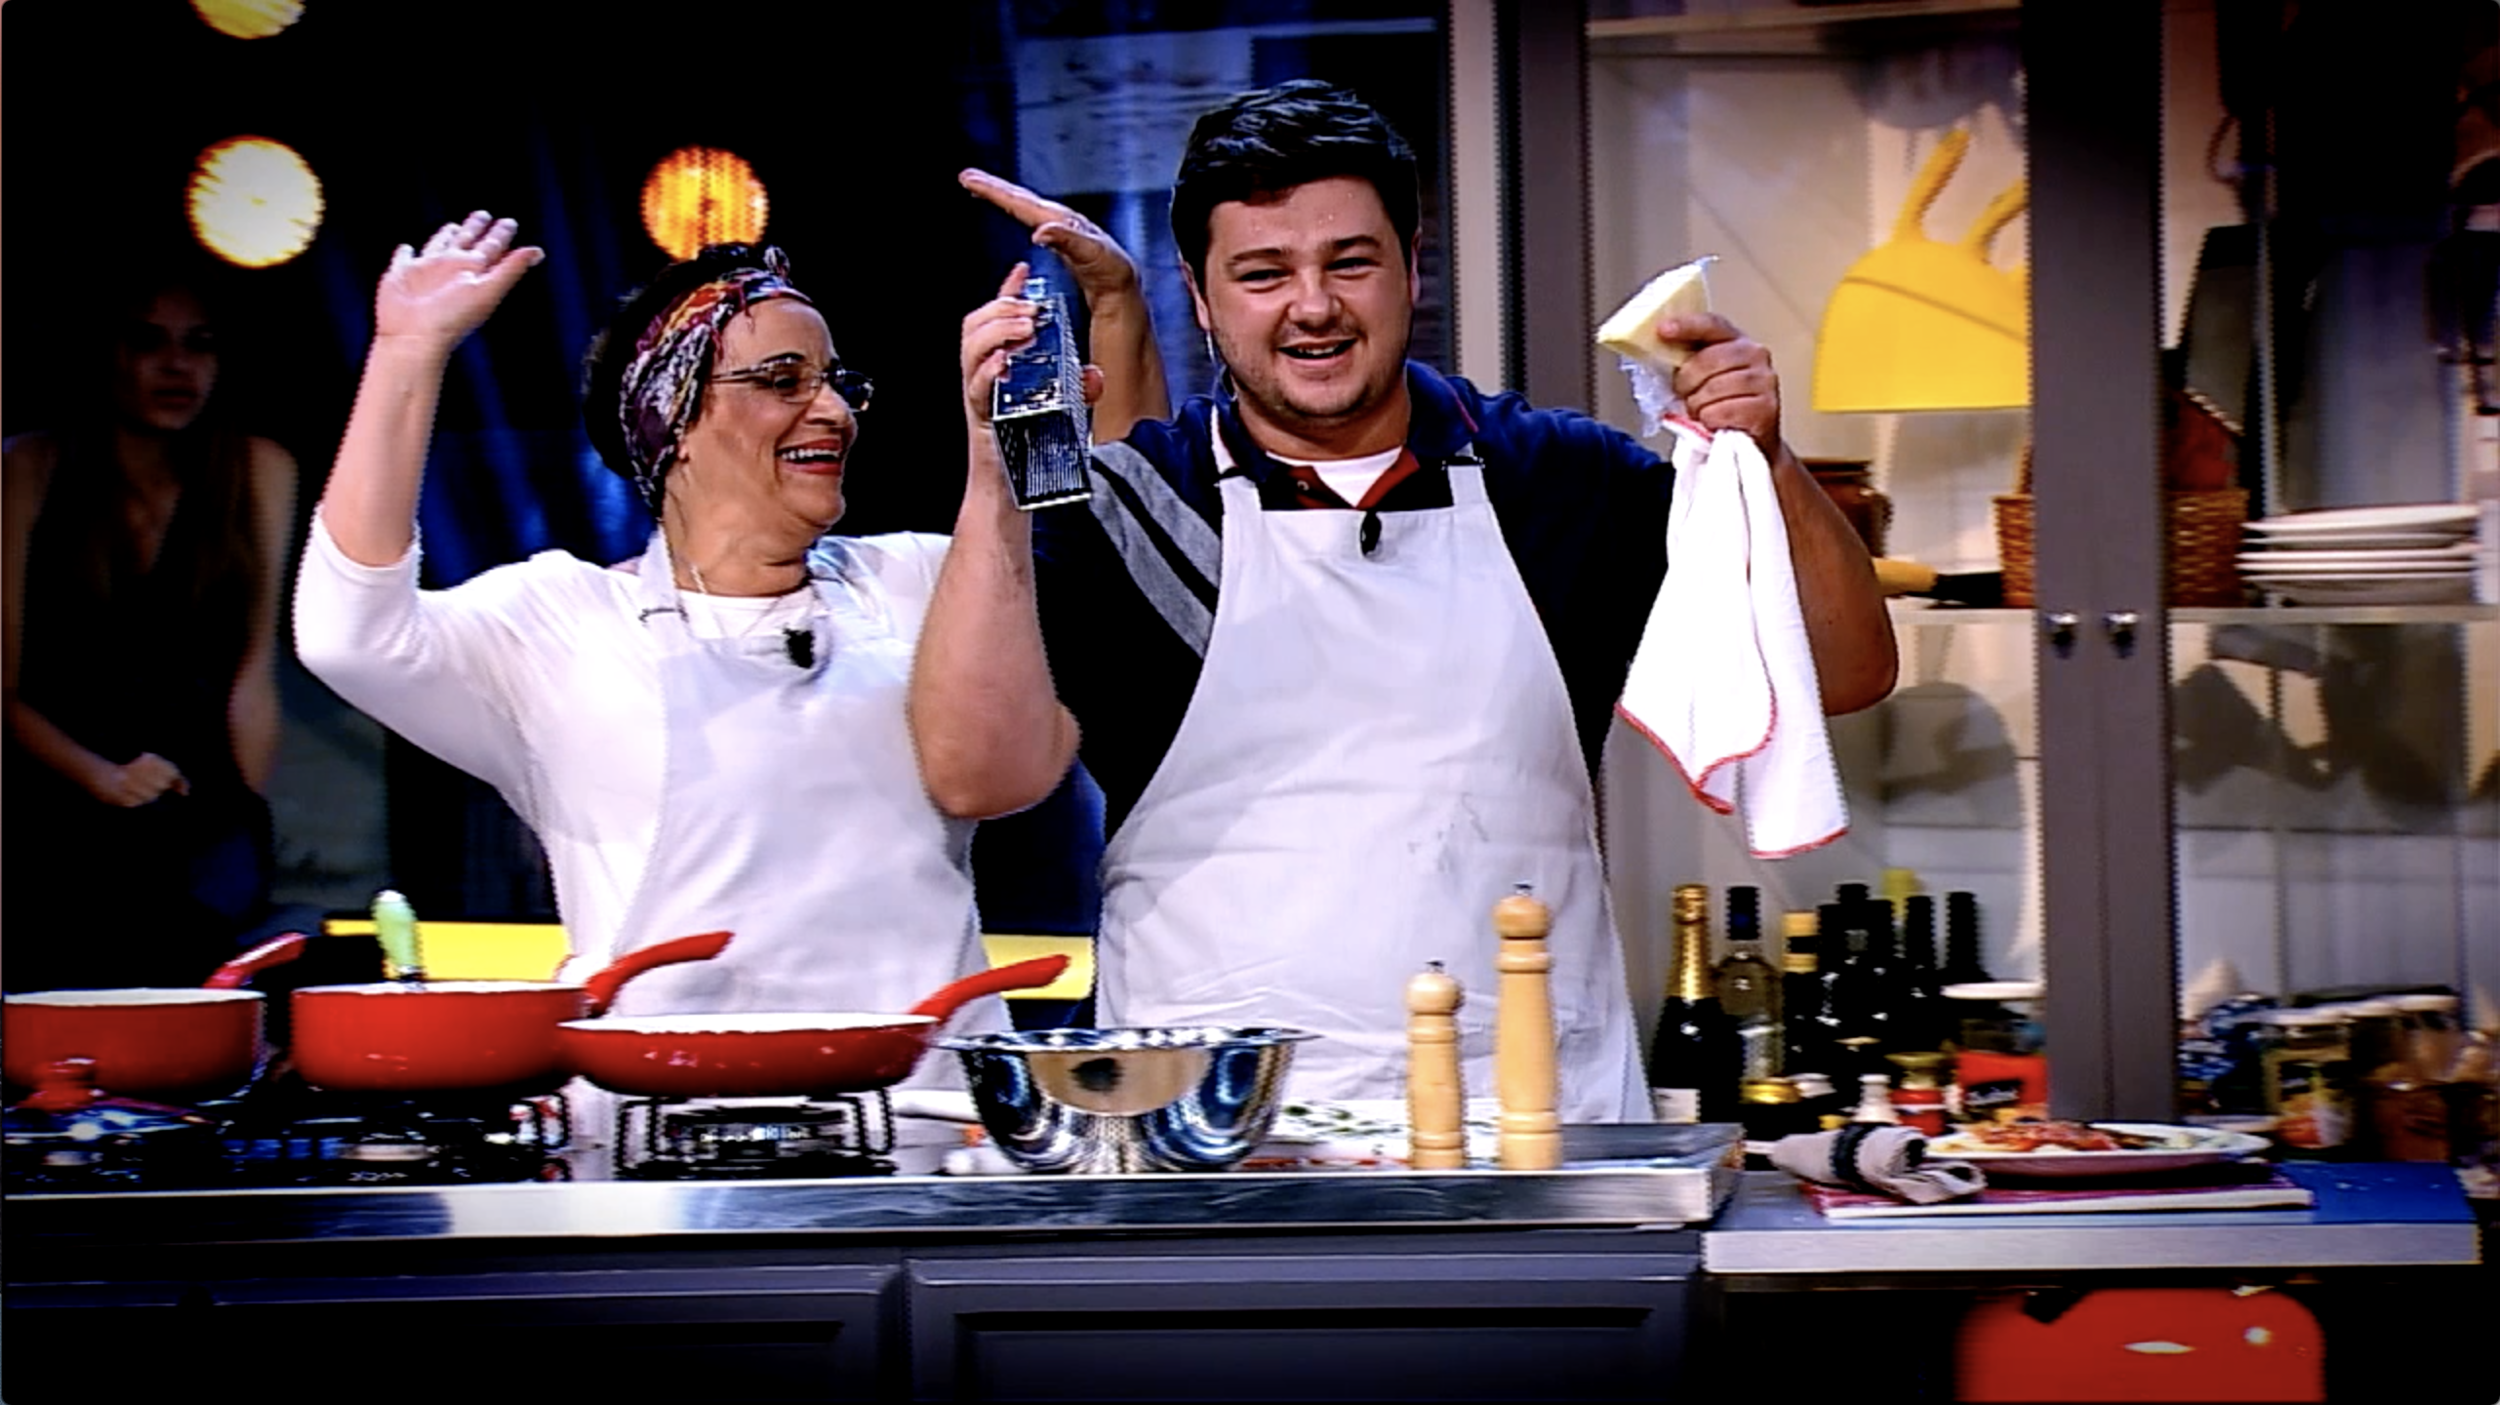 Batalha_dos_cozinheiros_8.png